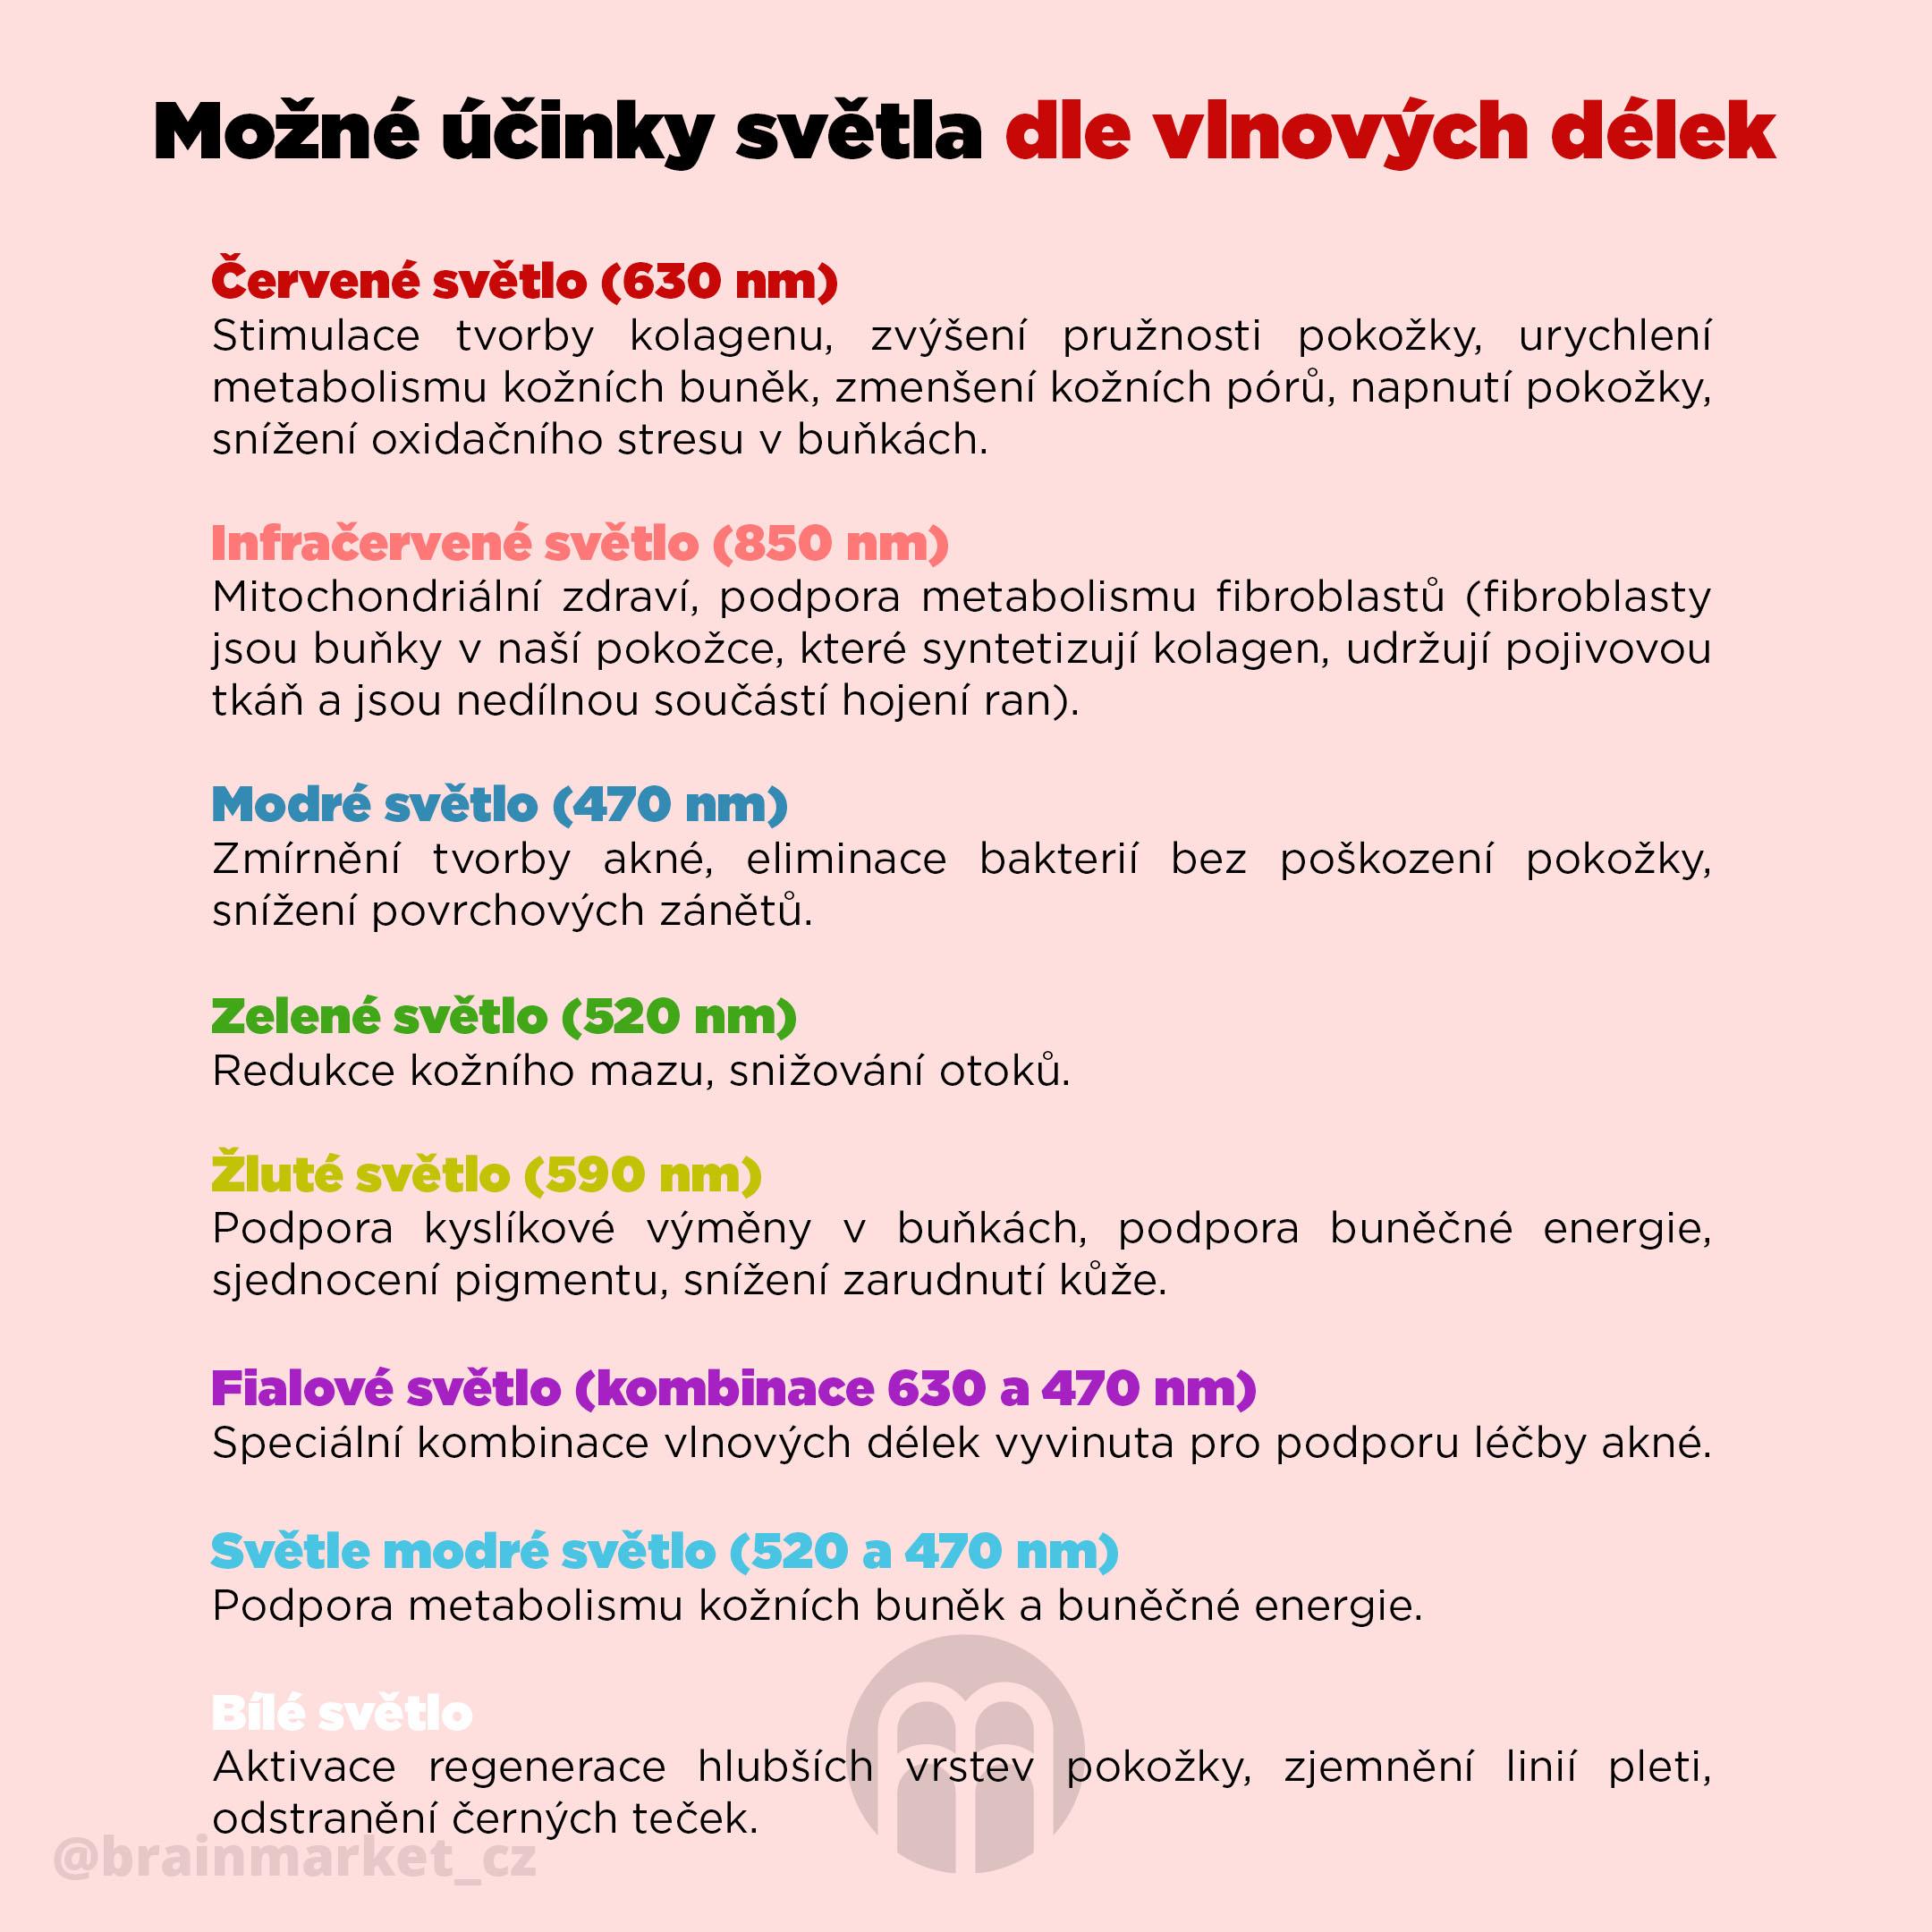 mozne-ucinky-svetla-dle-vlnovych-delek-infografika-brainmarket-cz_1